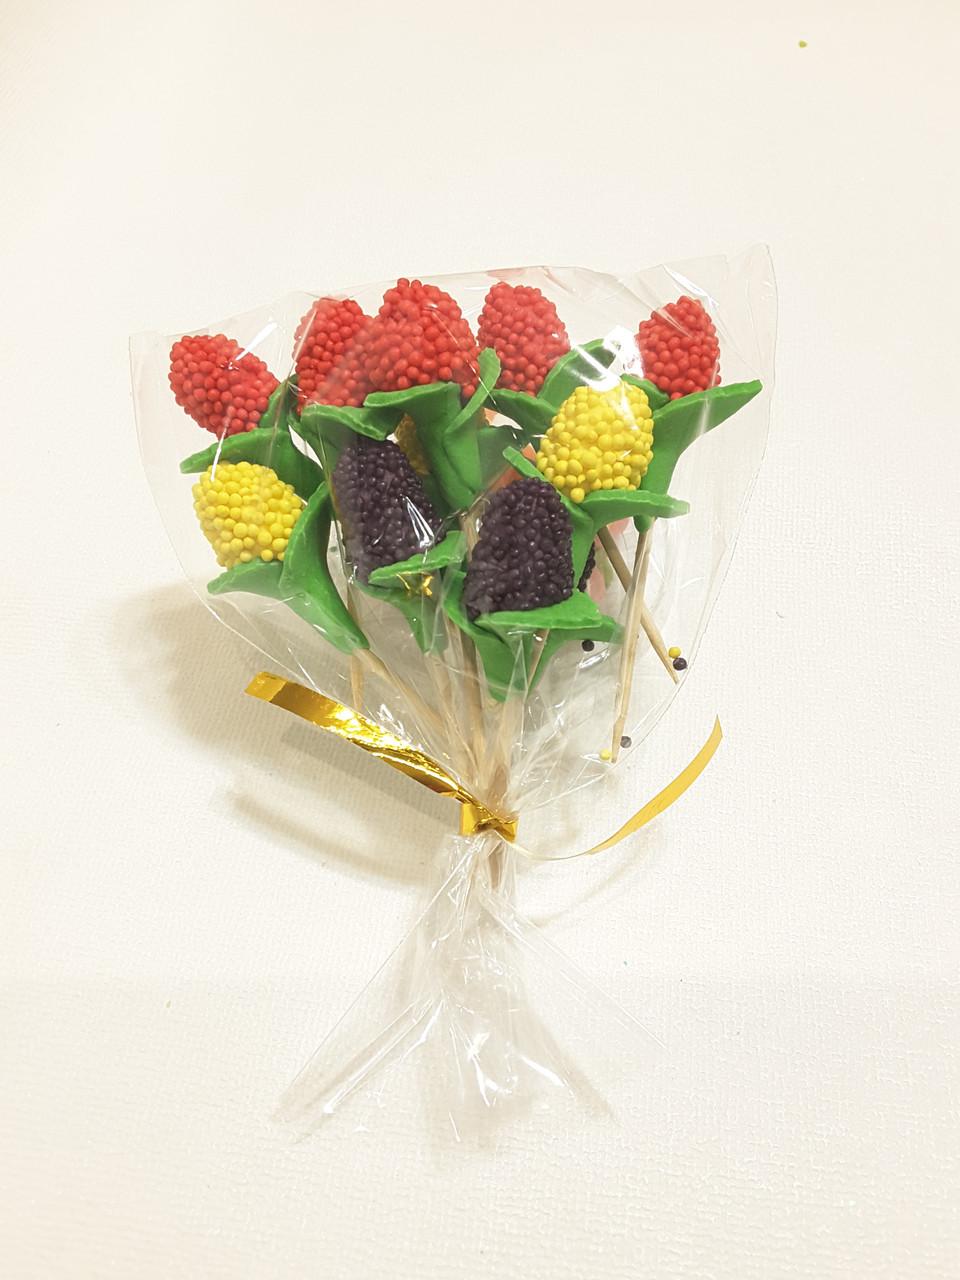 Фигурки и цветы из мастики купить харькове, протея цветок купить в новосибирске